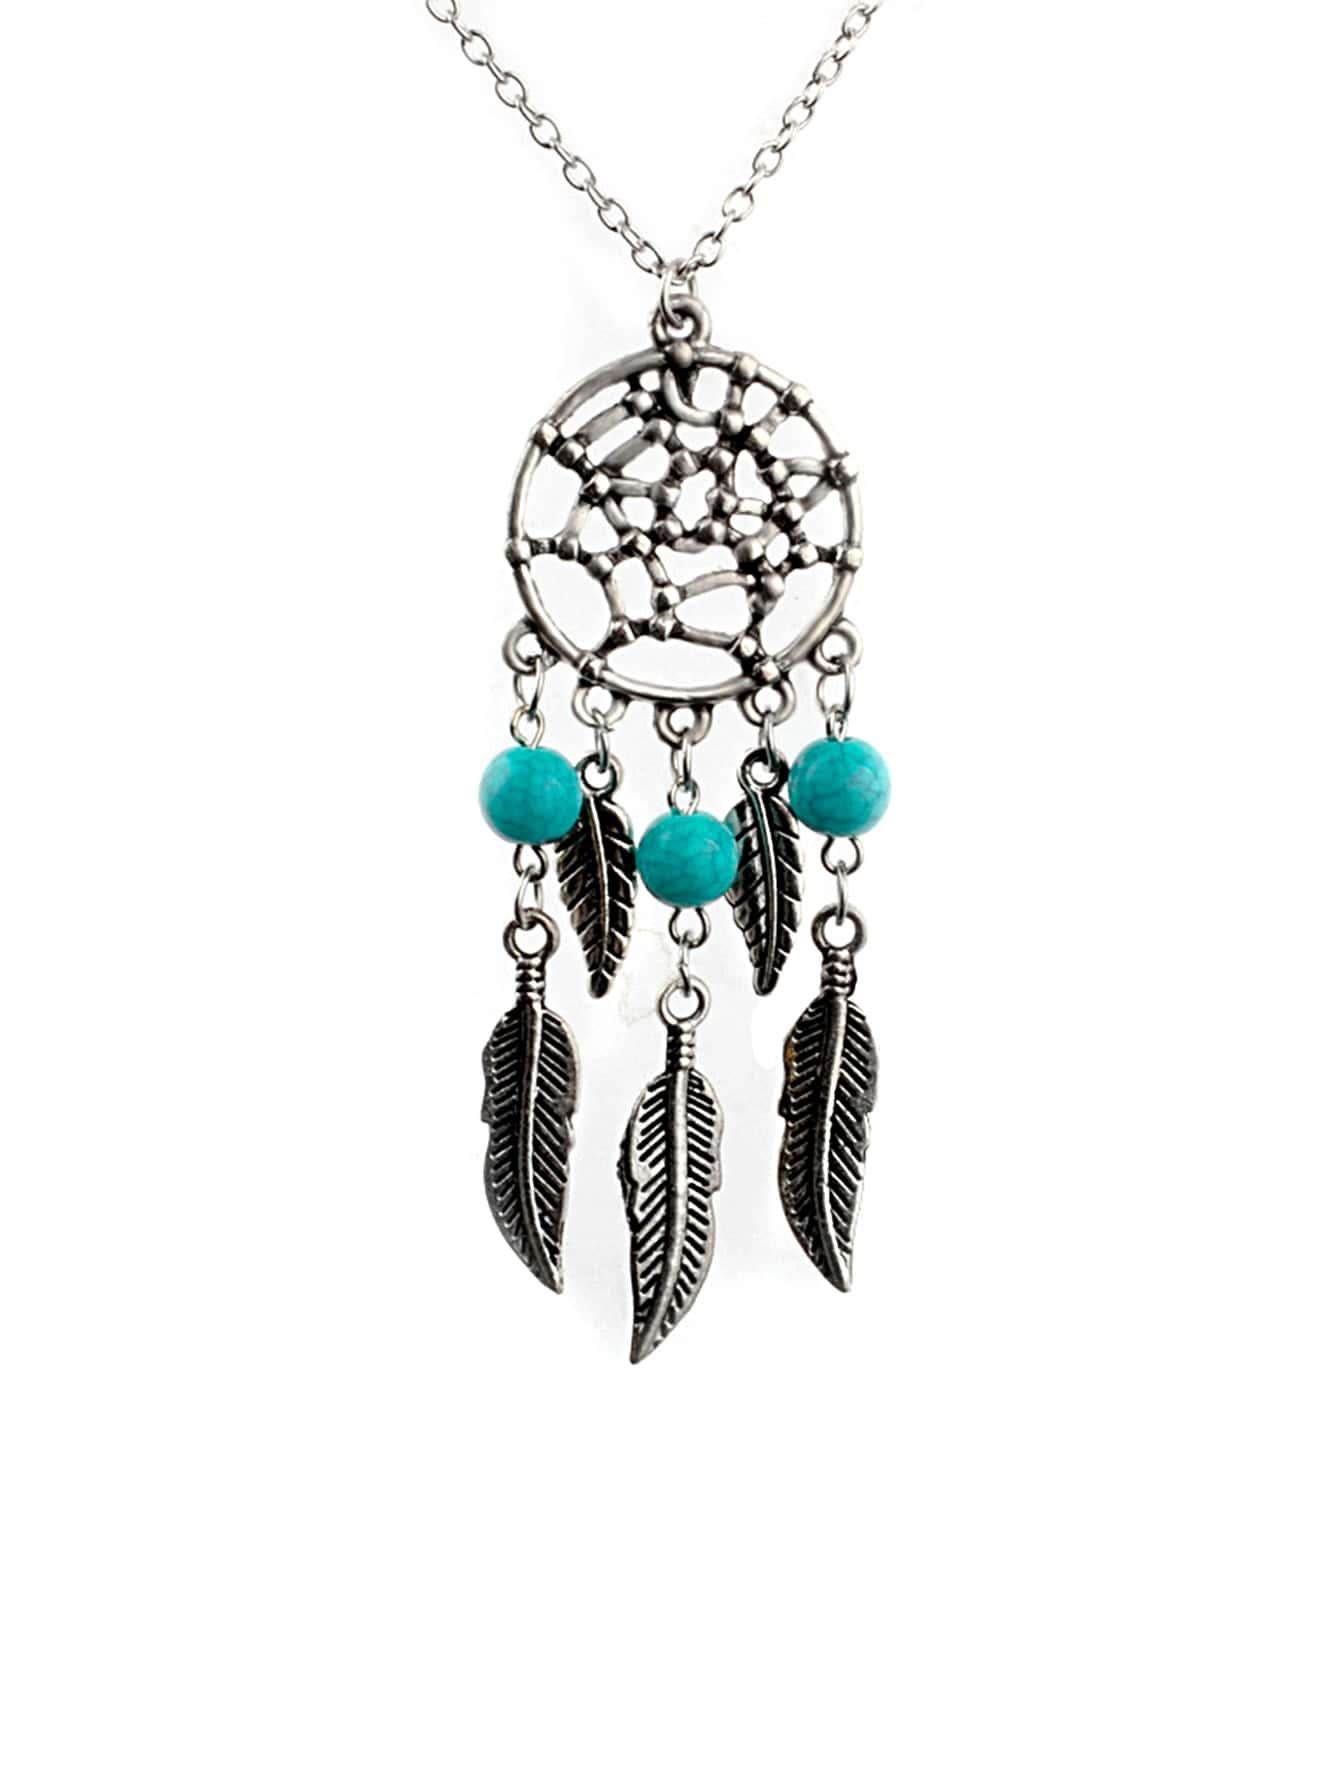 Dreamcatcher Pendant Chain Necklace